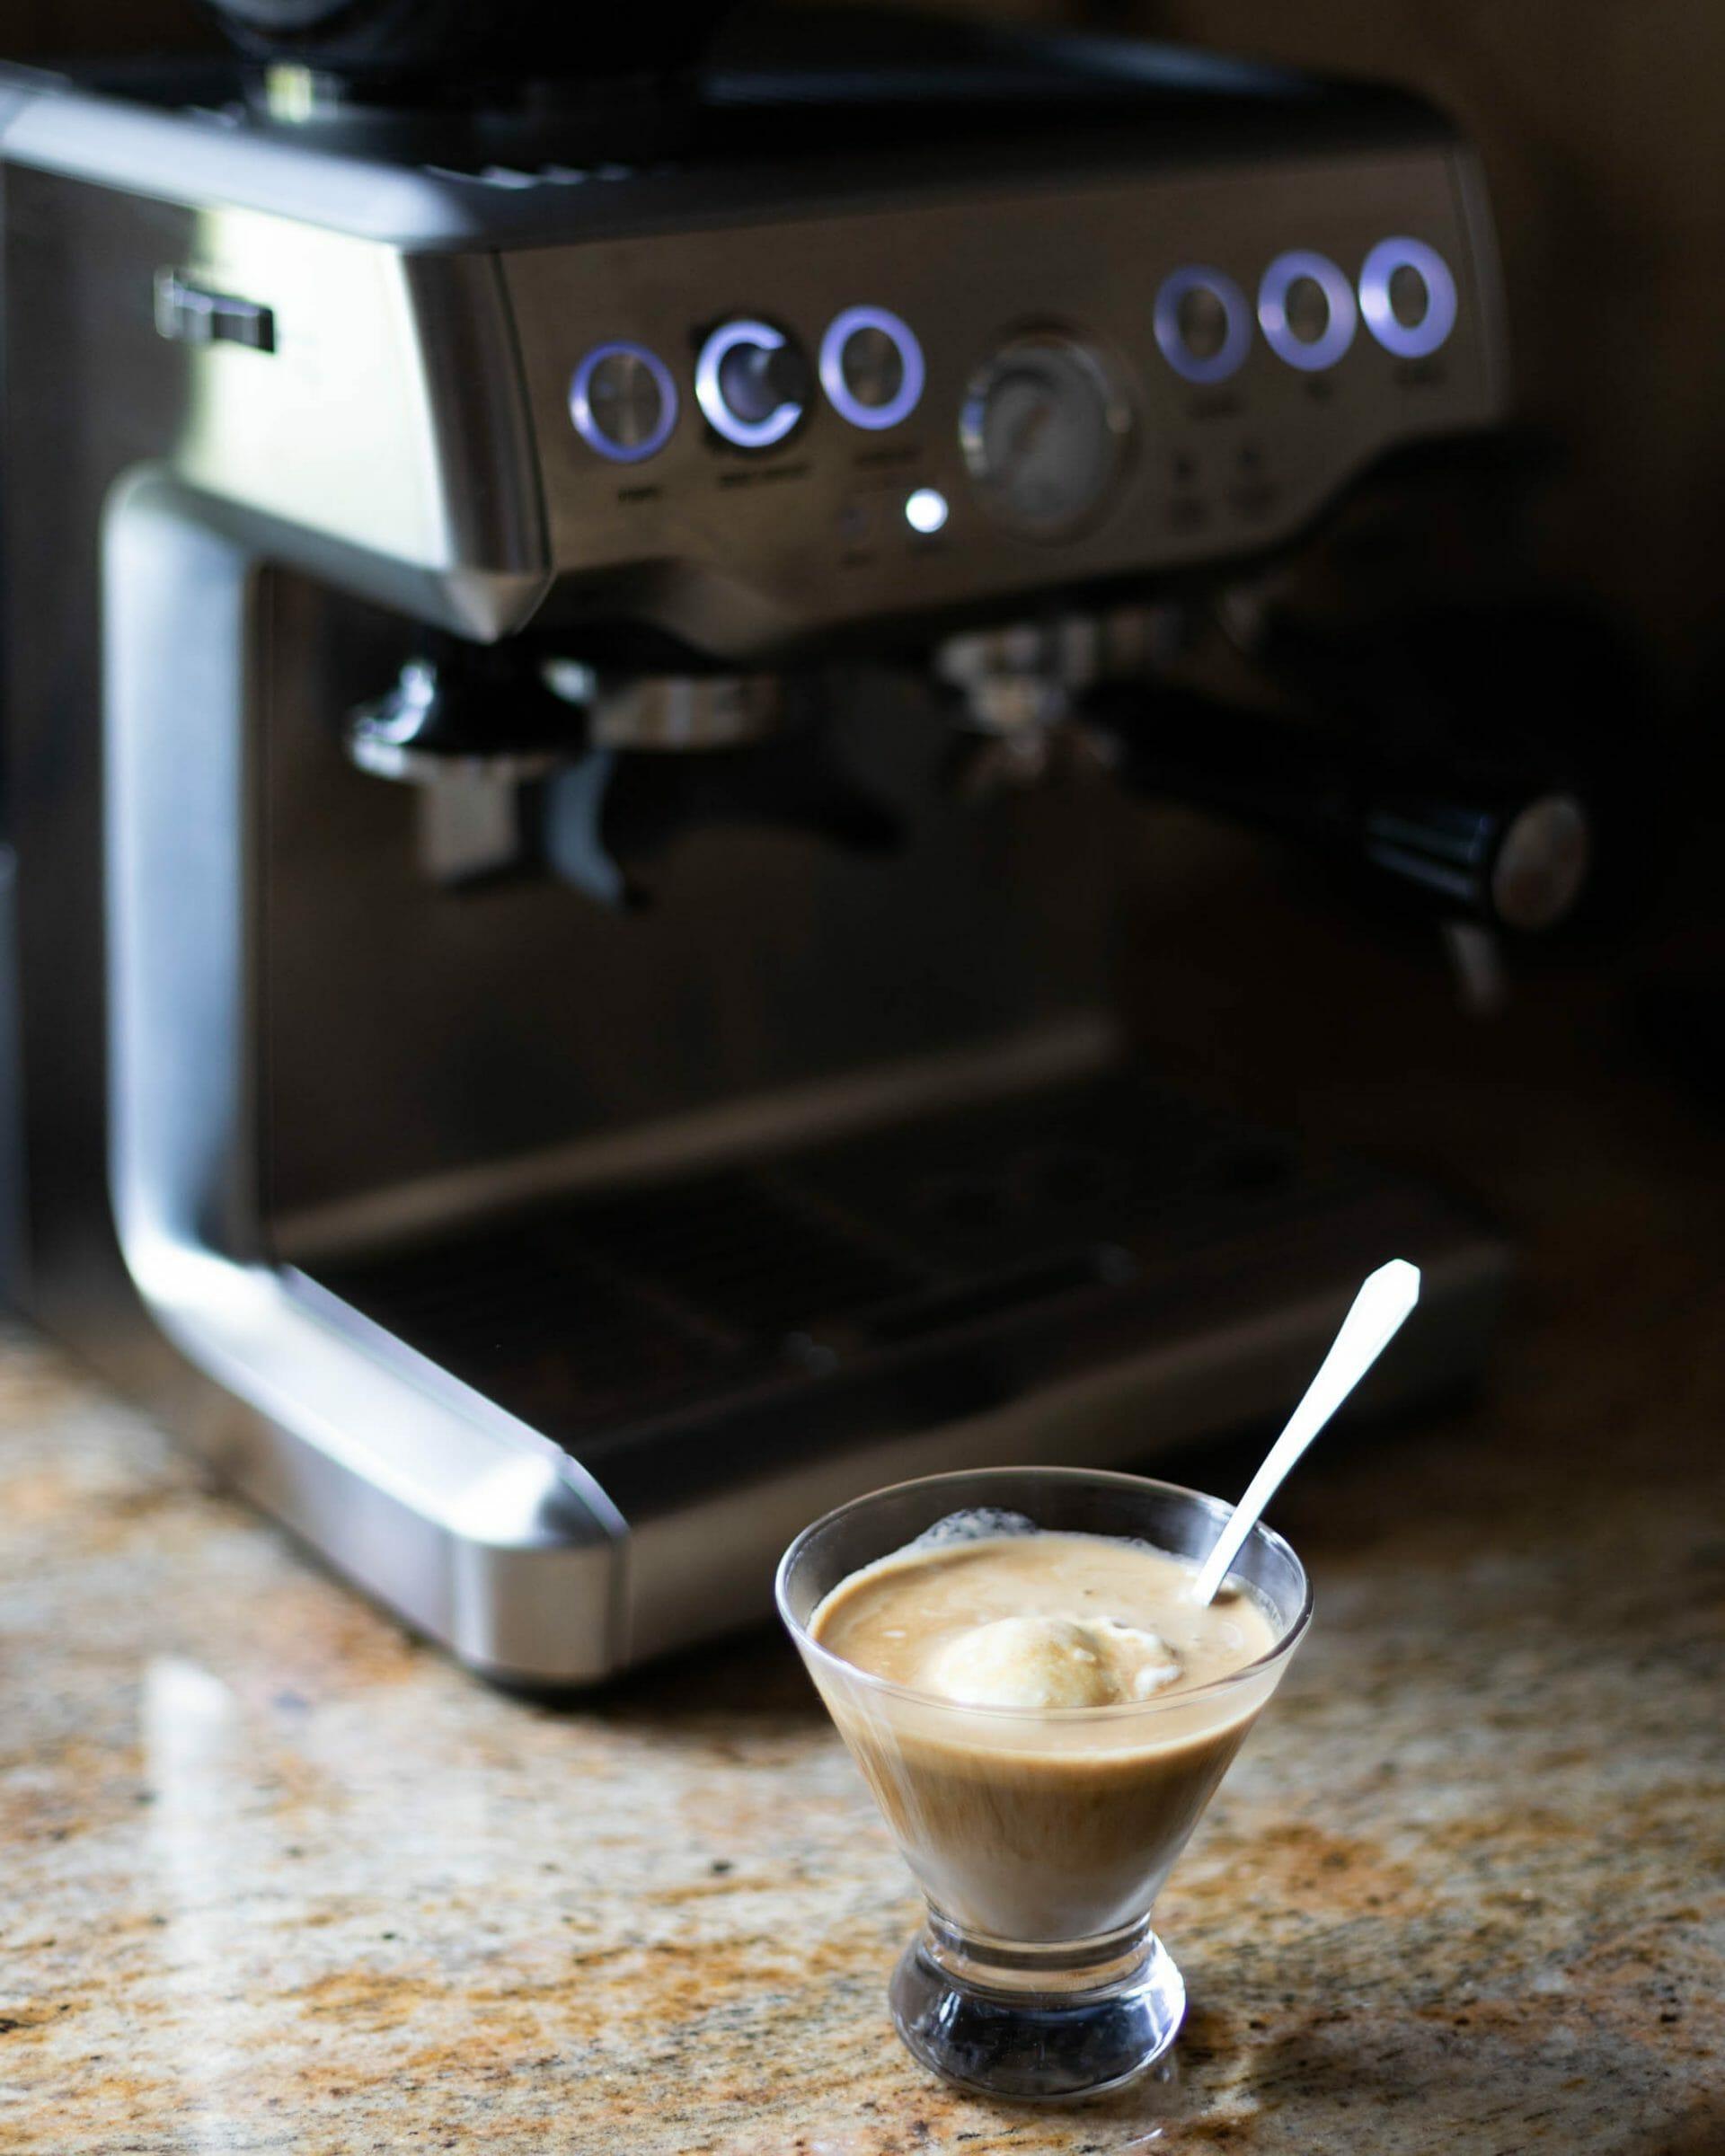 Perk Coffee Affogato with Breville espresso machine